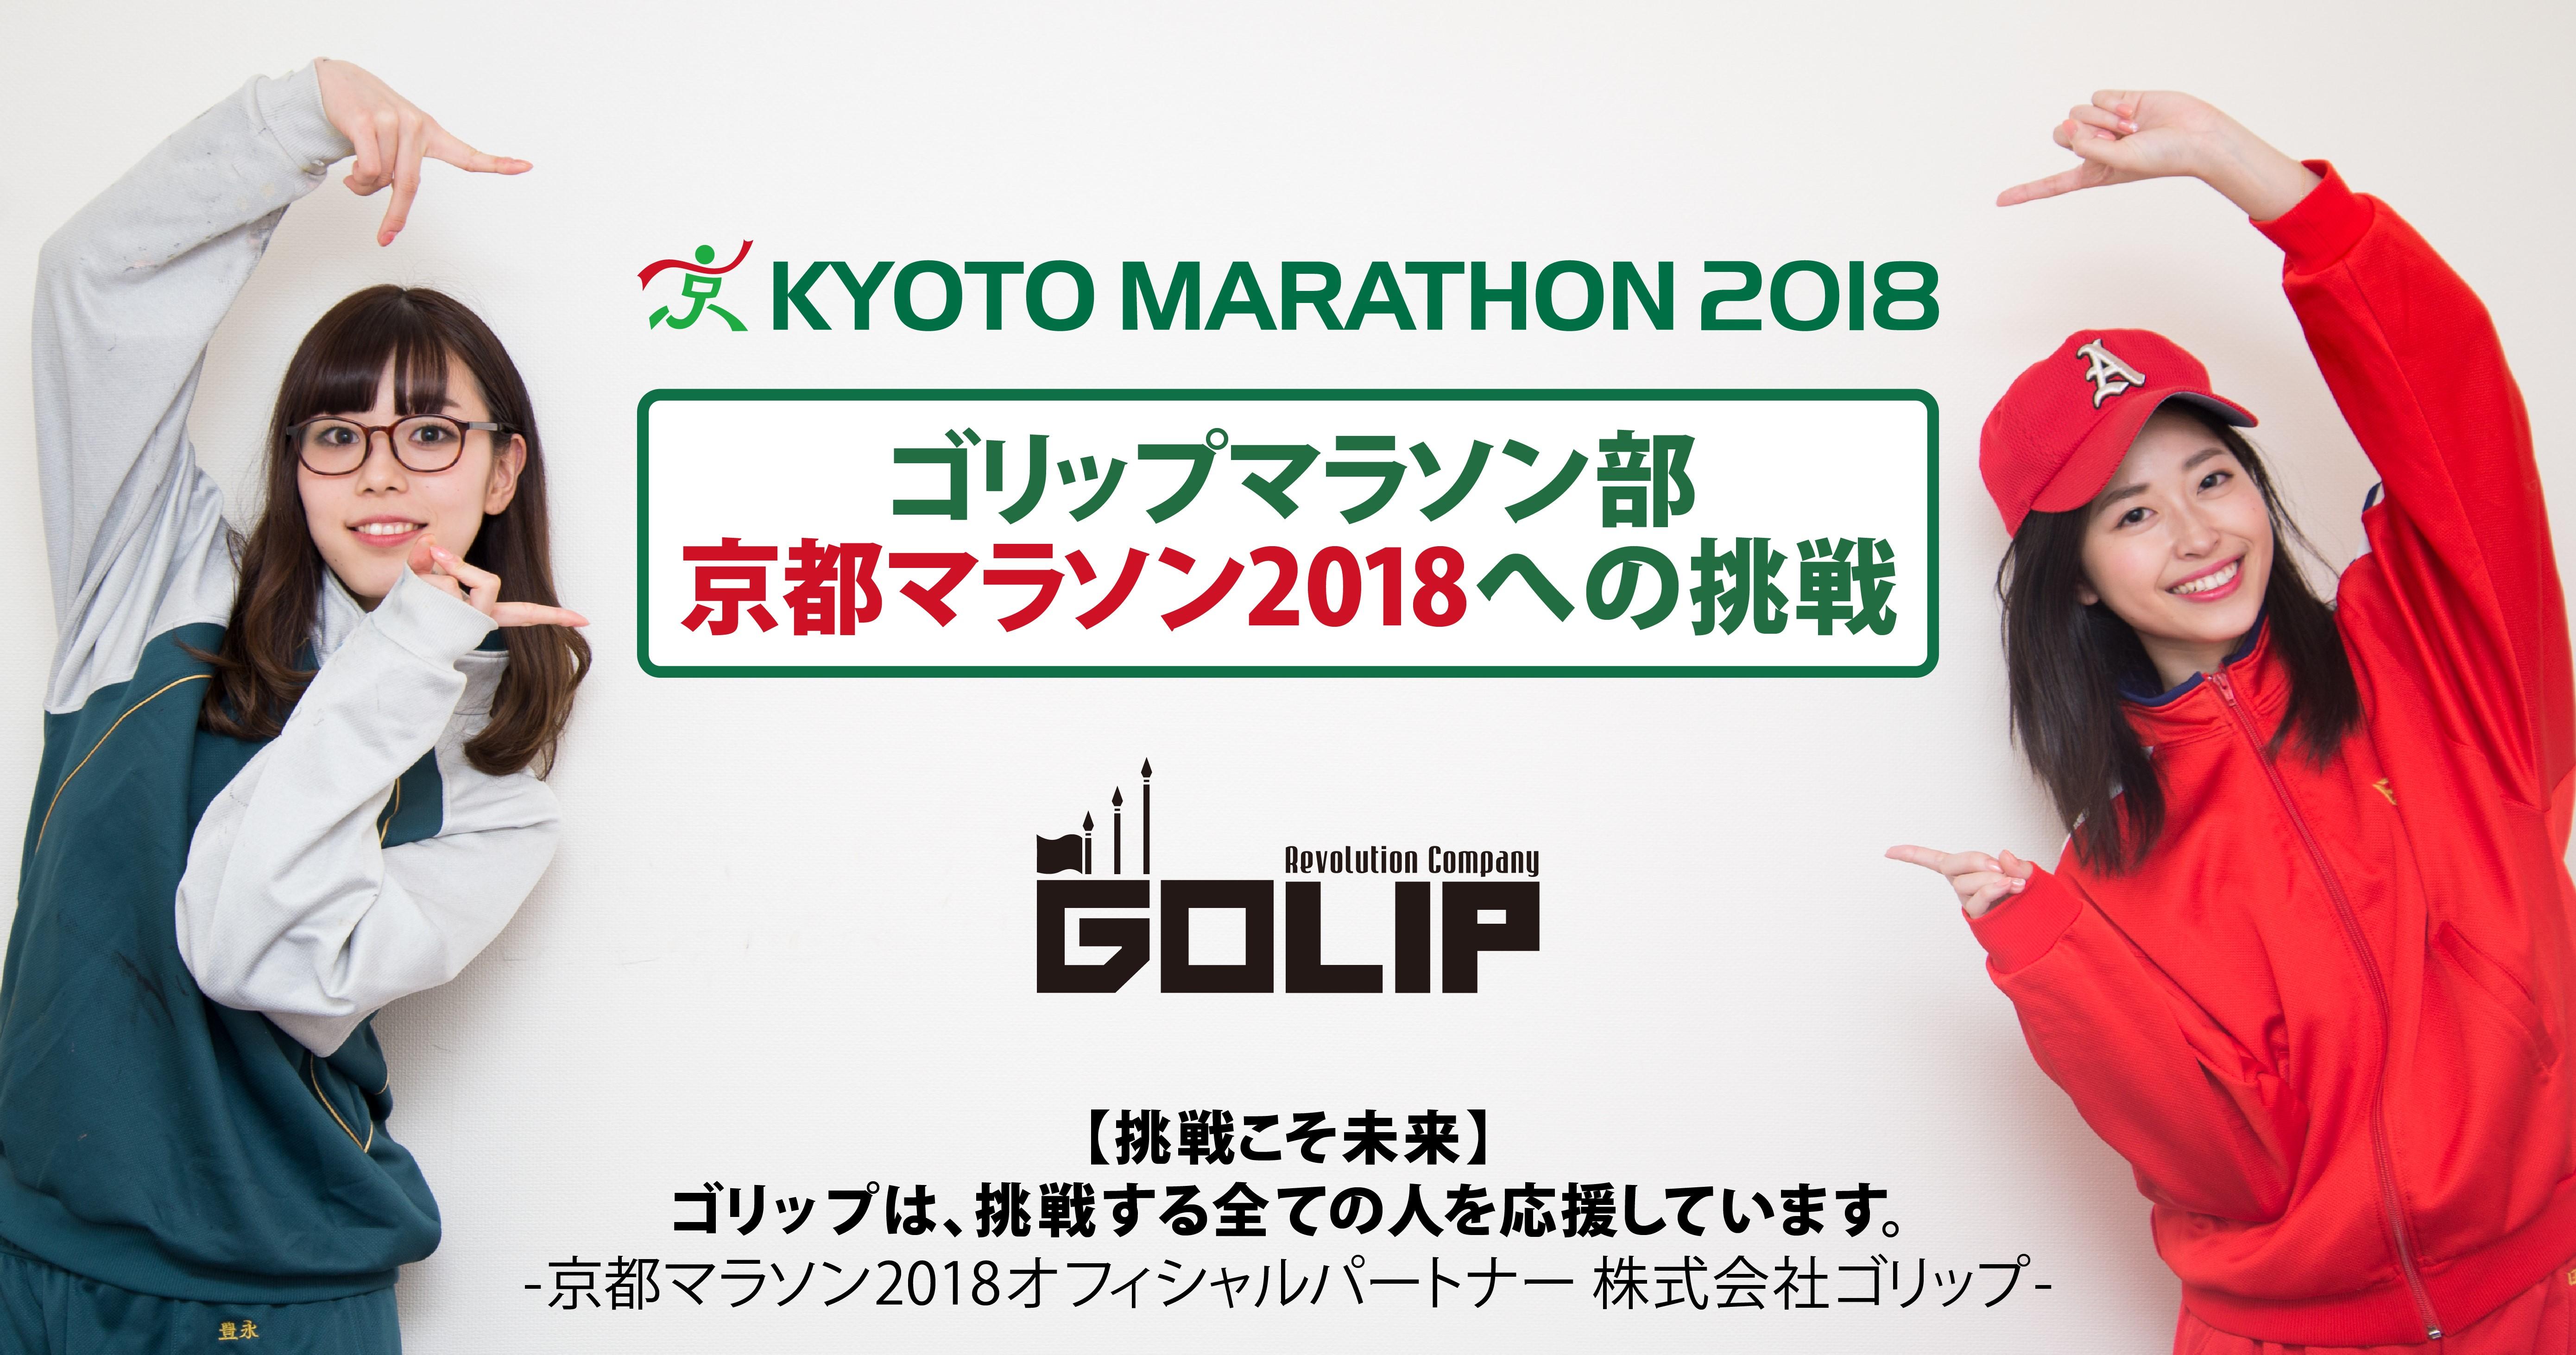 72京都マラソンWEB連載キービジュアル01